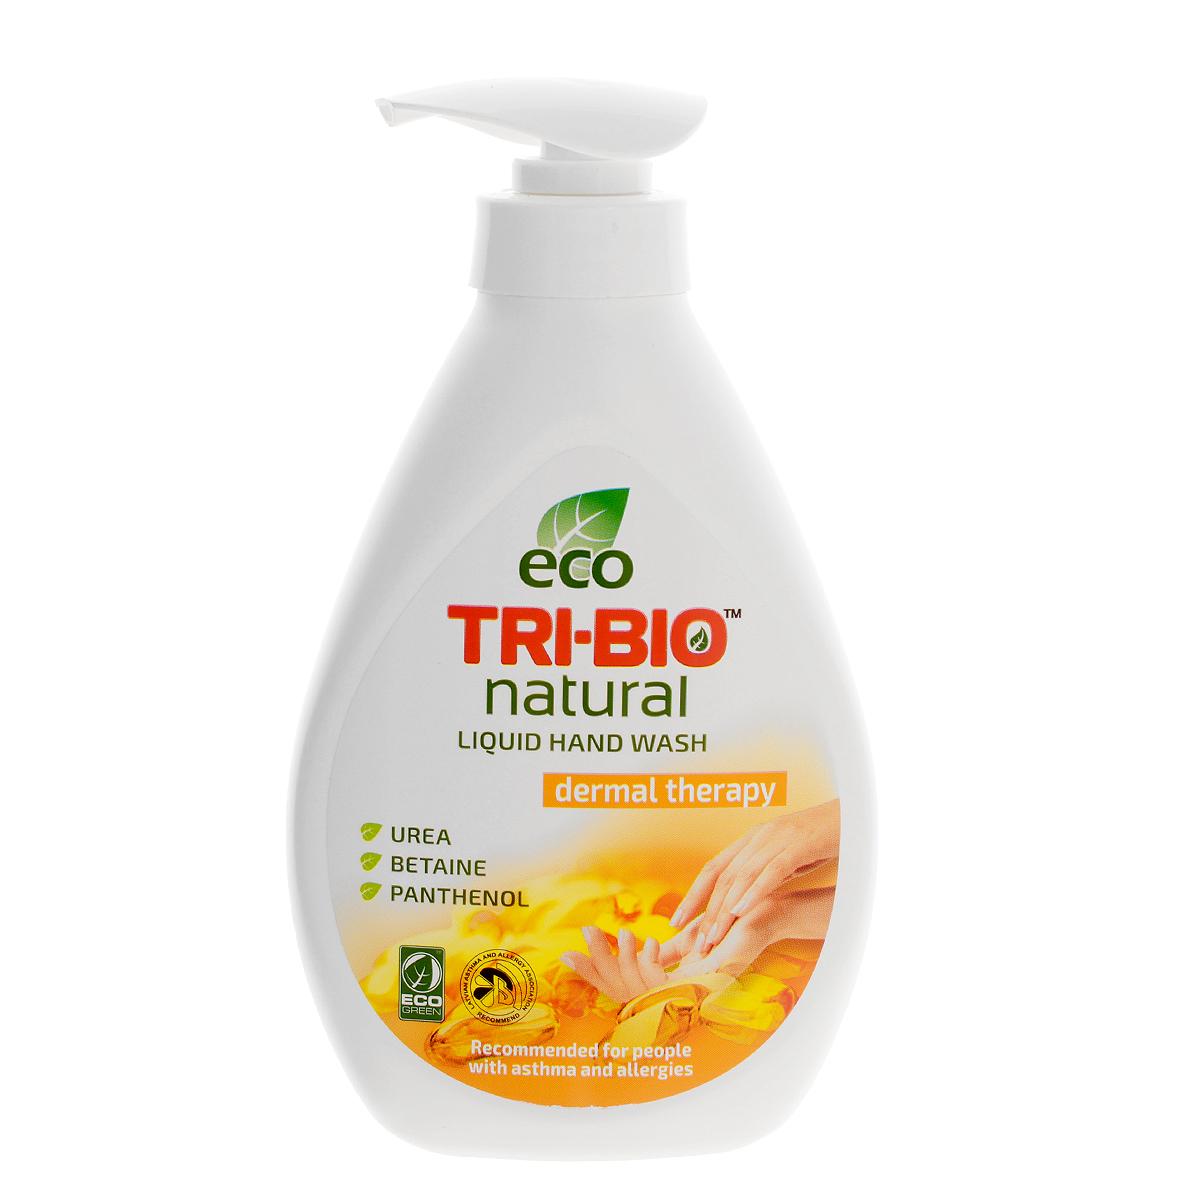 Натуральное жидкое эко-мыло Tri-Bio Дерматерапия, 240 мл0100Tri-Bio Дерматерапия - это уникальное жидкое мыло, основанное на натуральных растительных и минеральных компонентах, с фармацевтической урея, бетаином, пантенолом и лактатом, активно исцеляет и регенерирует сухую и раздраженную кожу. Подходит для нежной кожи детей. Рекомендовано для людей с сухой, чувствительной кожей, склонных к аллергиям и астме.Гипоаллергенное, не содержит ароматов, красителей и парабенов, нейтральный рн, биоразлагаемое. Восстанавливает естественный баланс кожи и влажность. Помогает сохранить кожу мягкой, гладкой, шелковистой и здоровой. Присвоены ECO сертификаты.